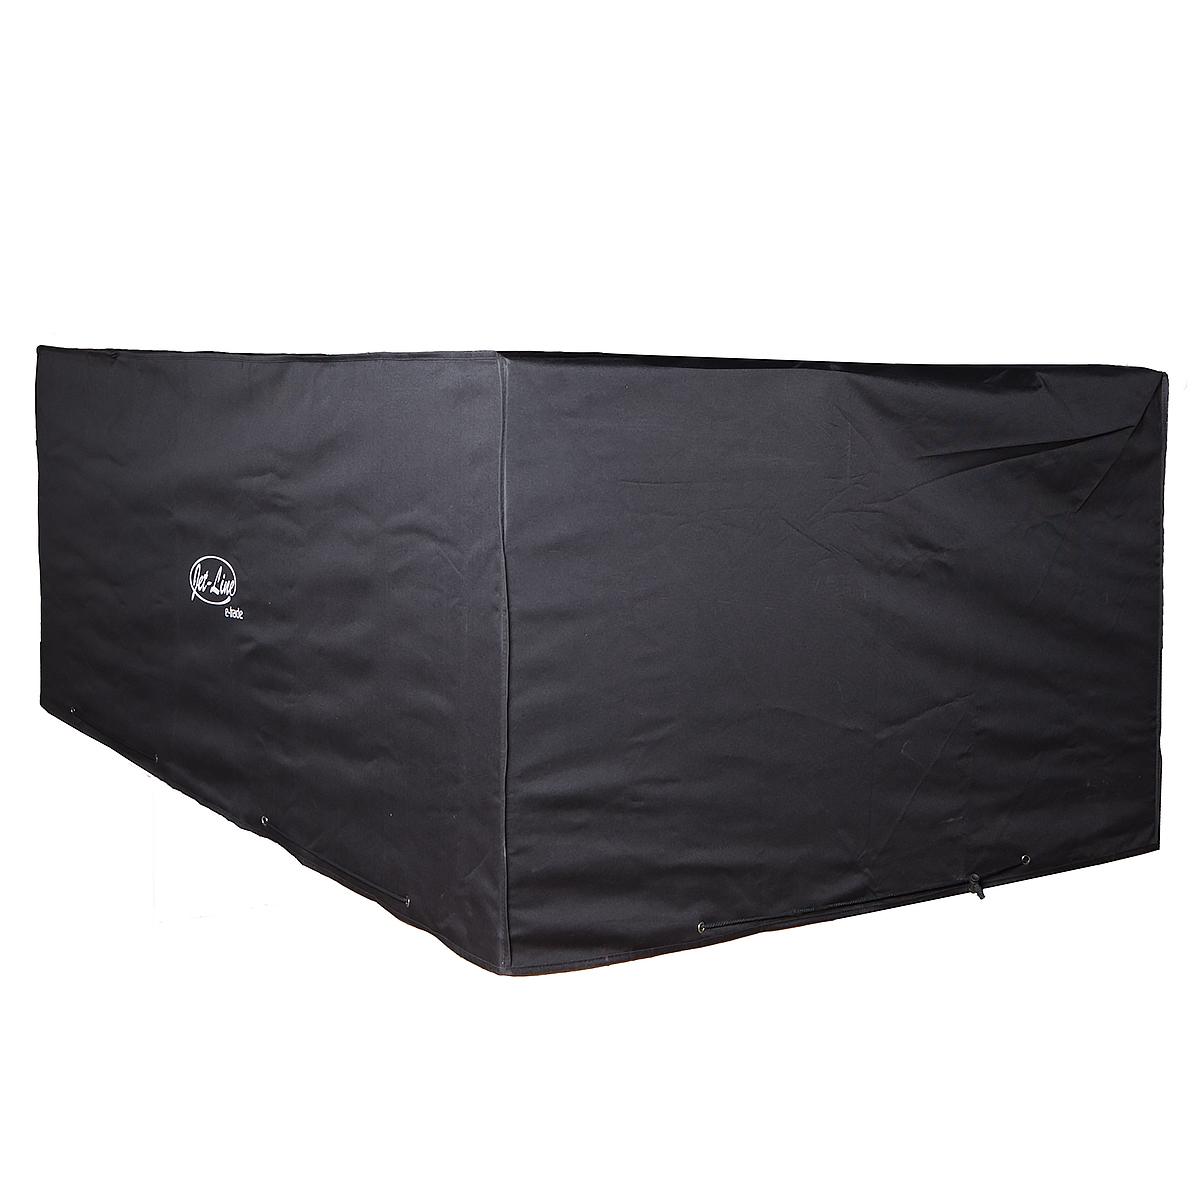 gartenm bel abdeckplane schwarz winterqualit t. Black Bedroom Furniture Sets. Home Design Ideas